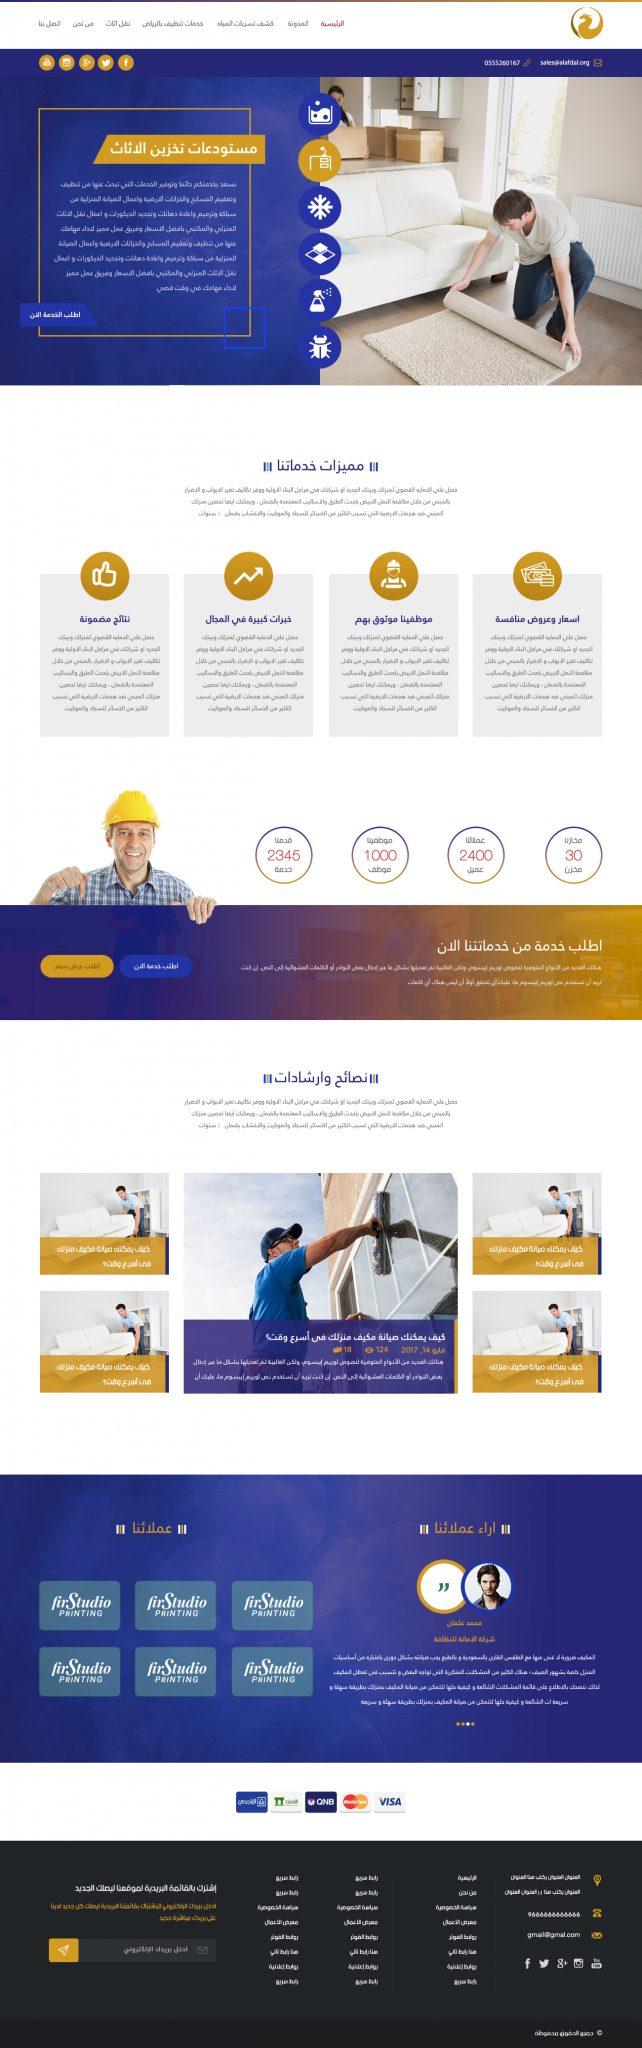 تصميم موقع شركة البيوت لخدمات النظافة